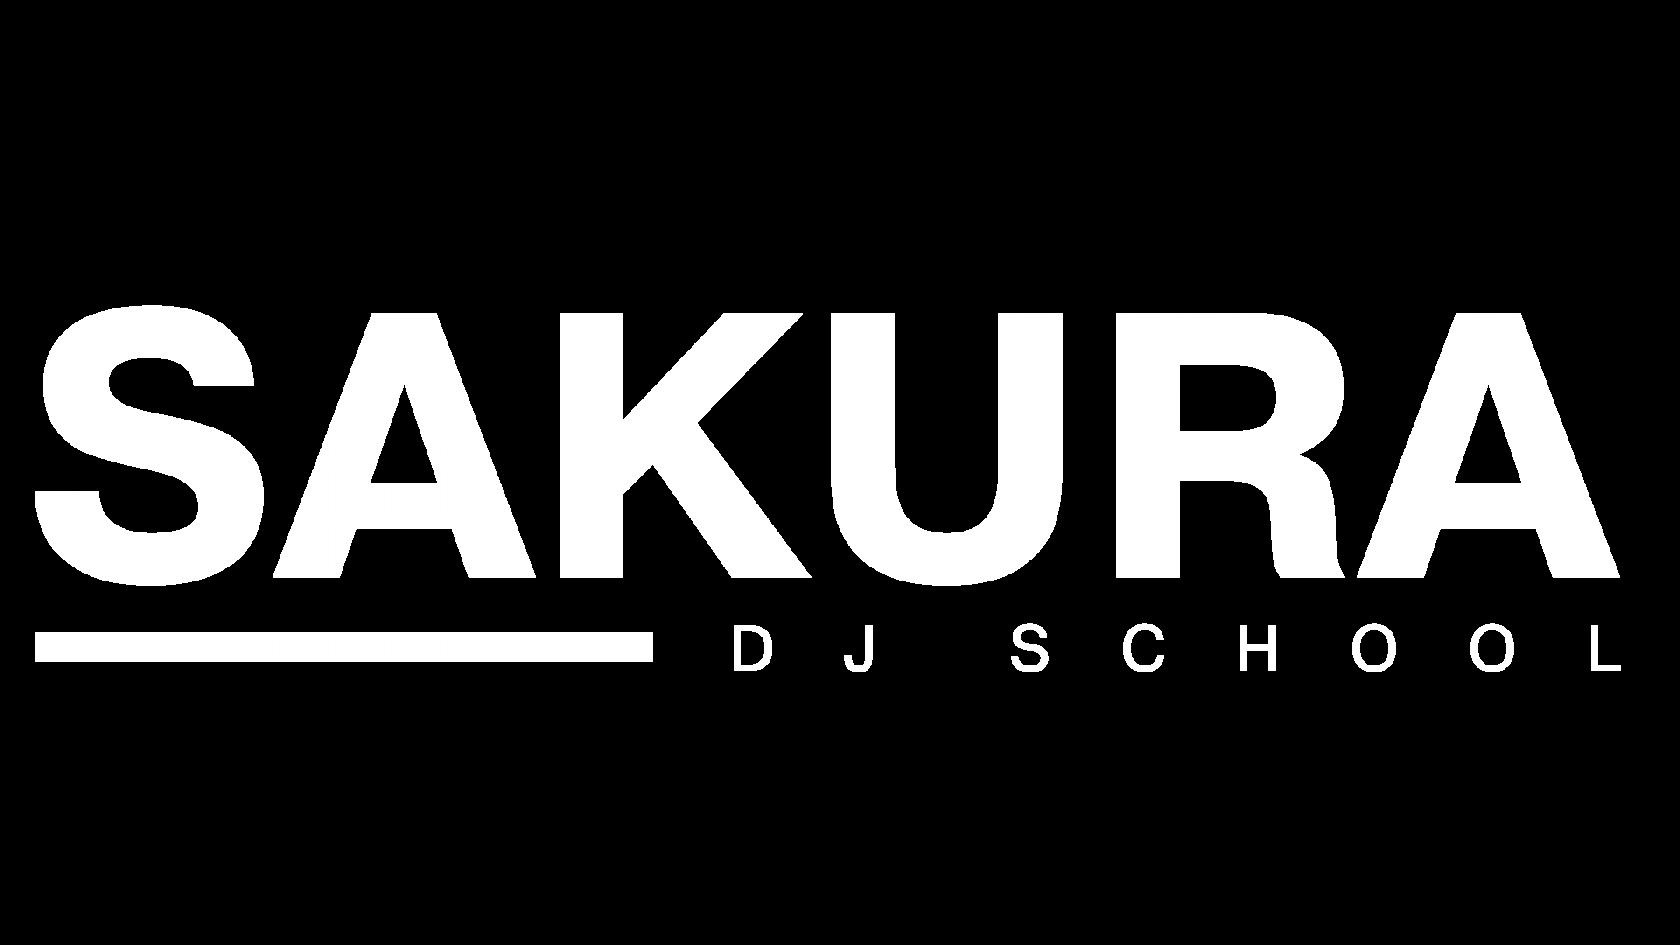 Sakura Dj's